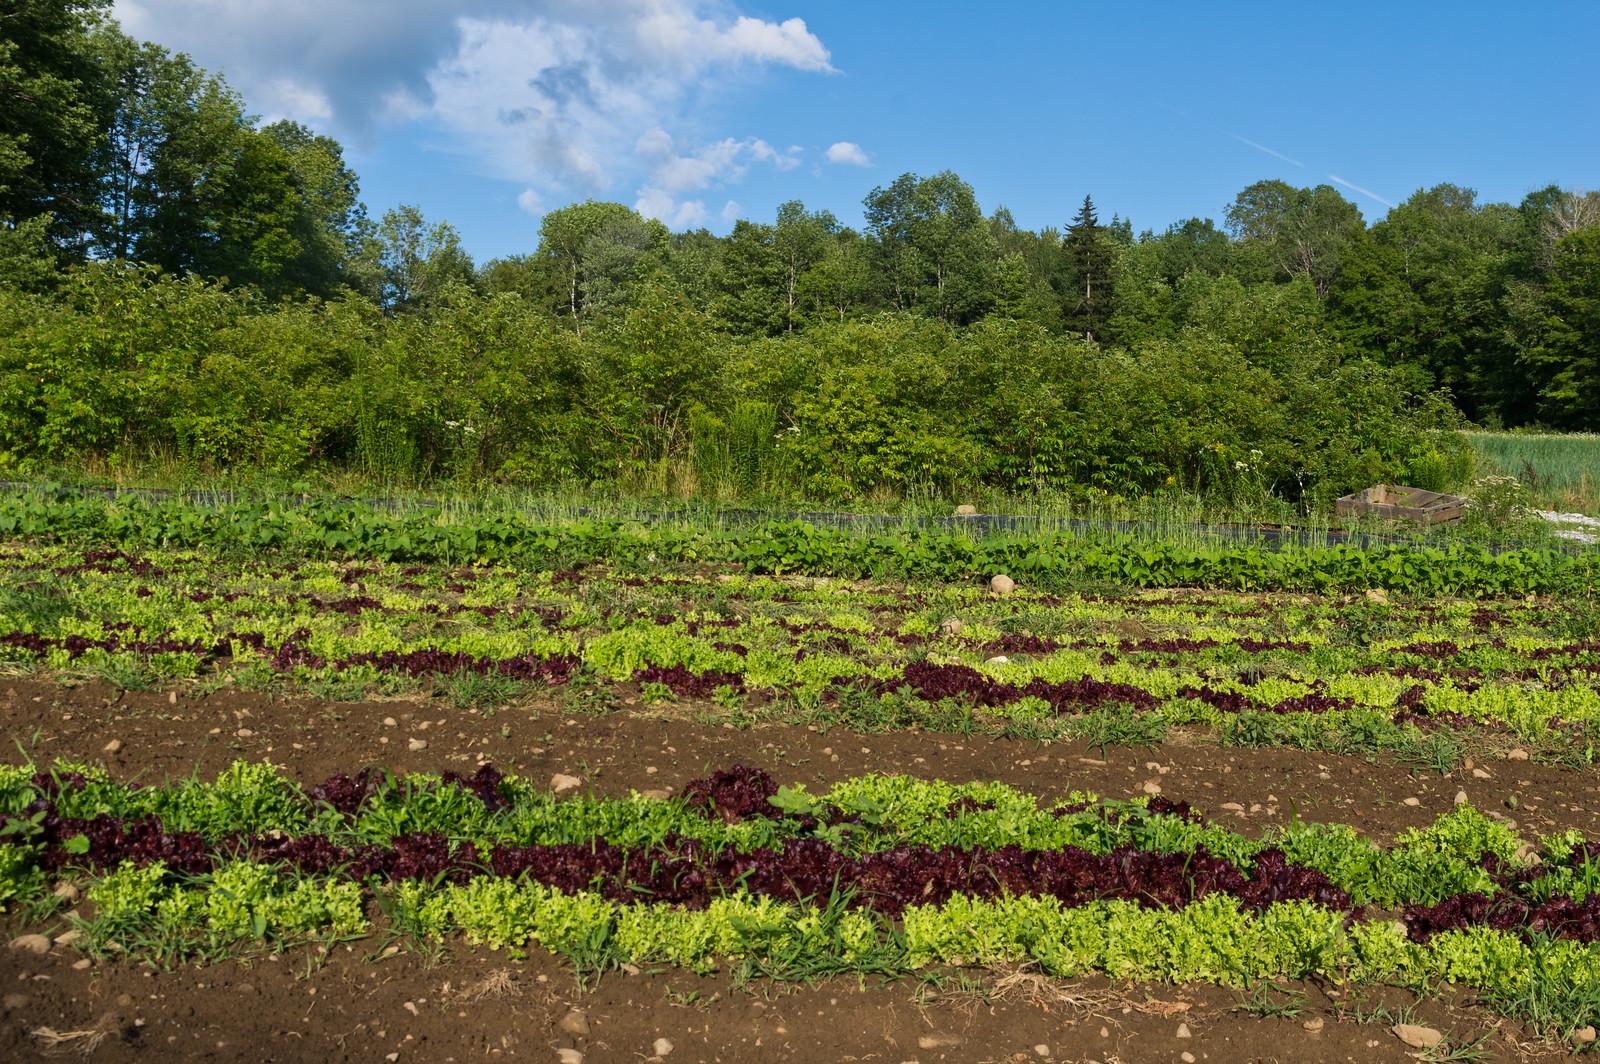 several lettuce plantings below the elderberries, photo by Adam Ford